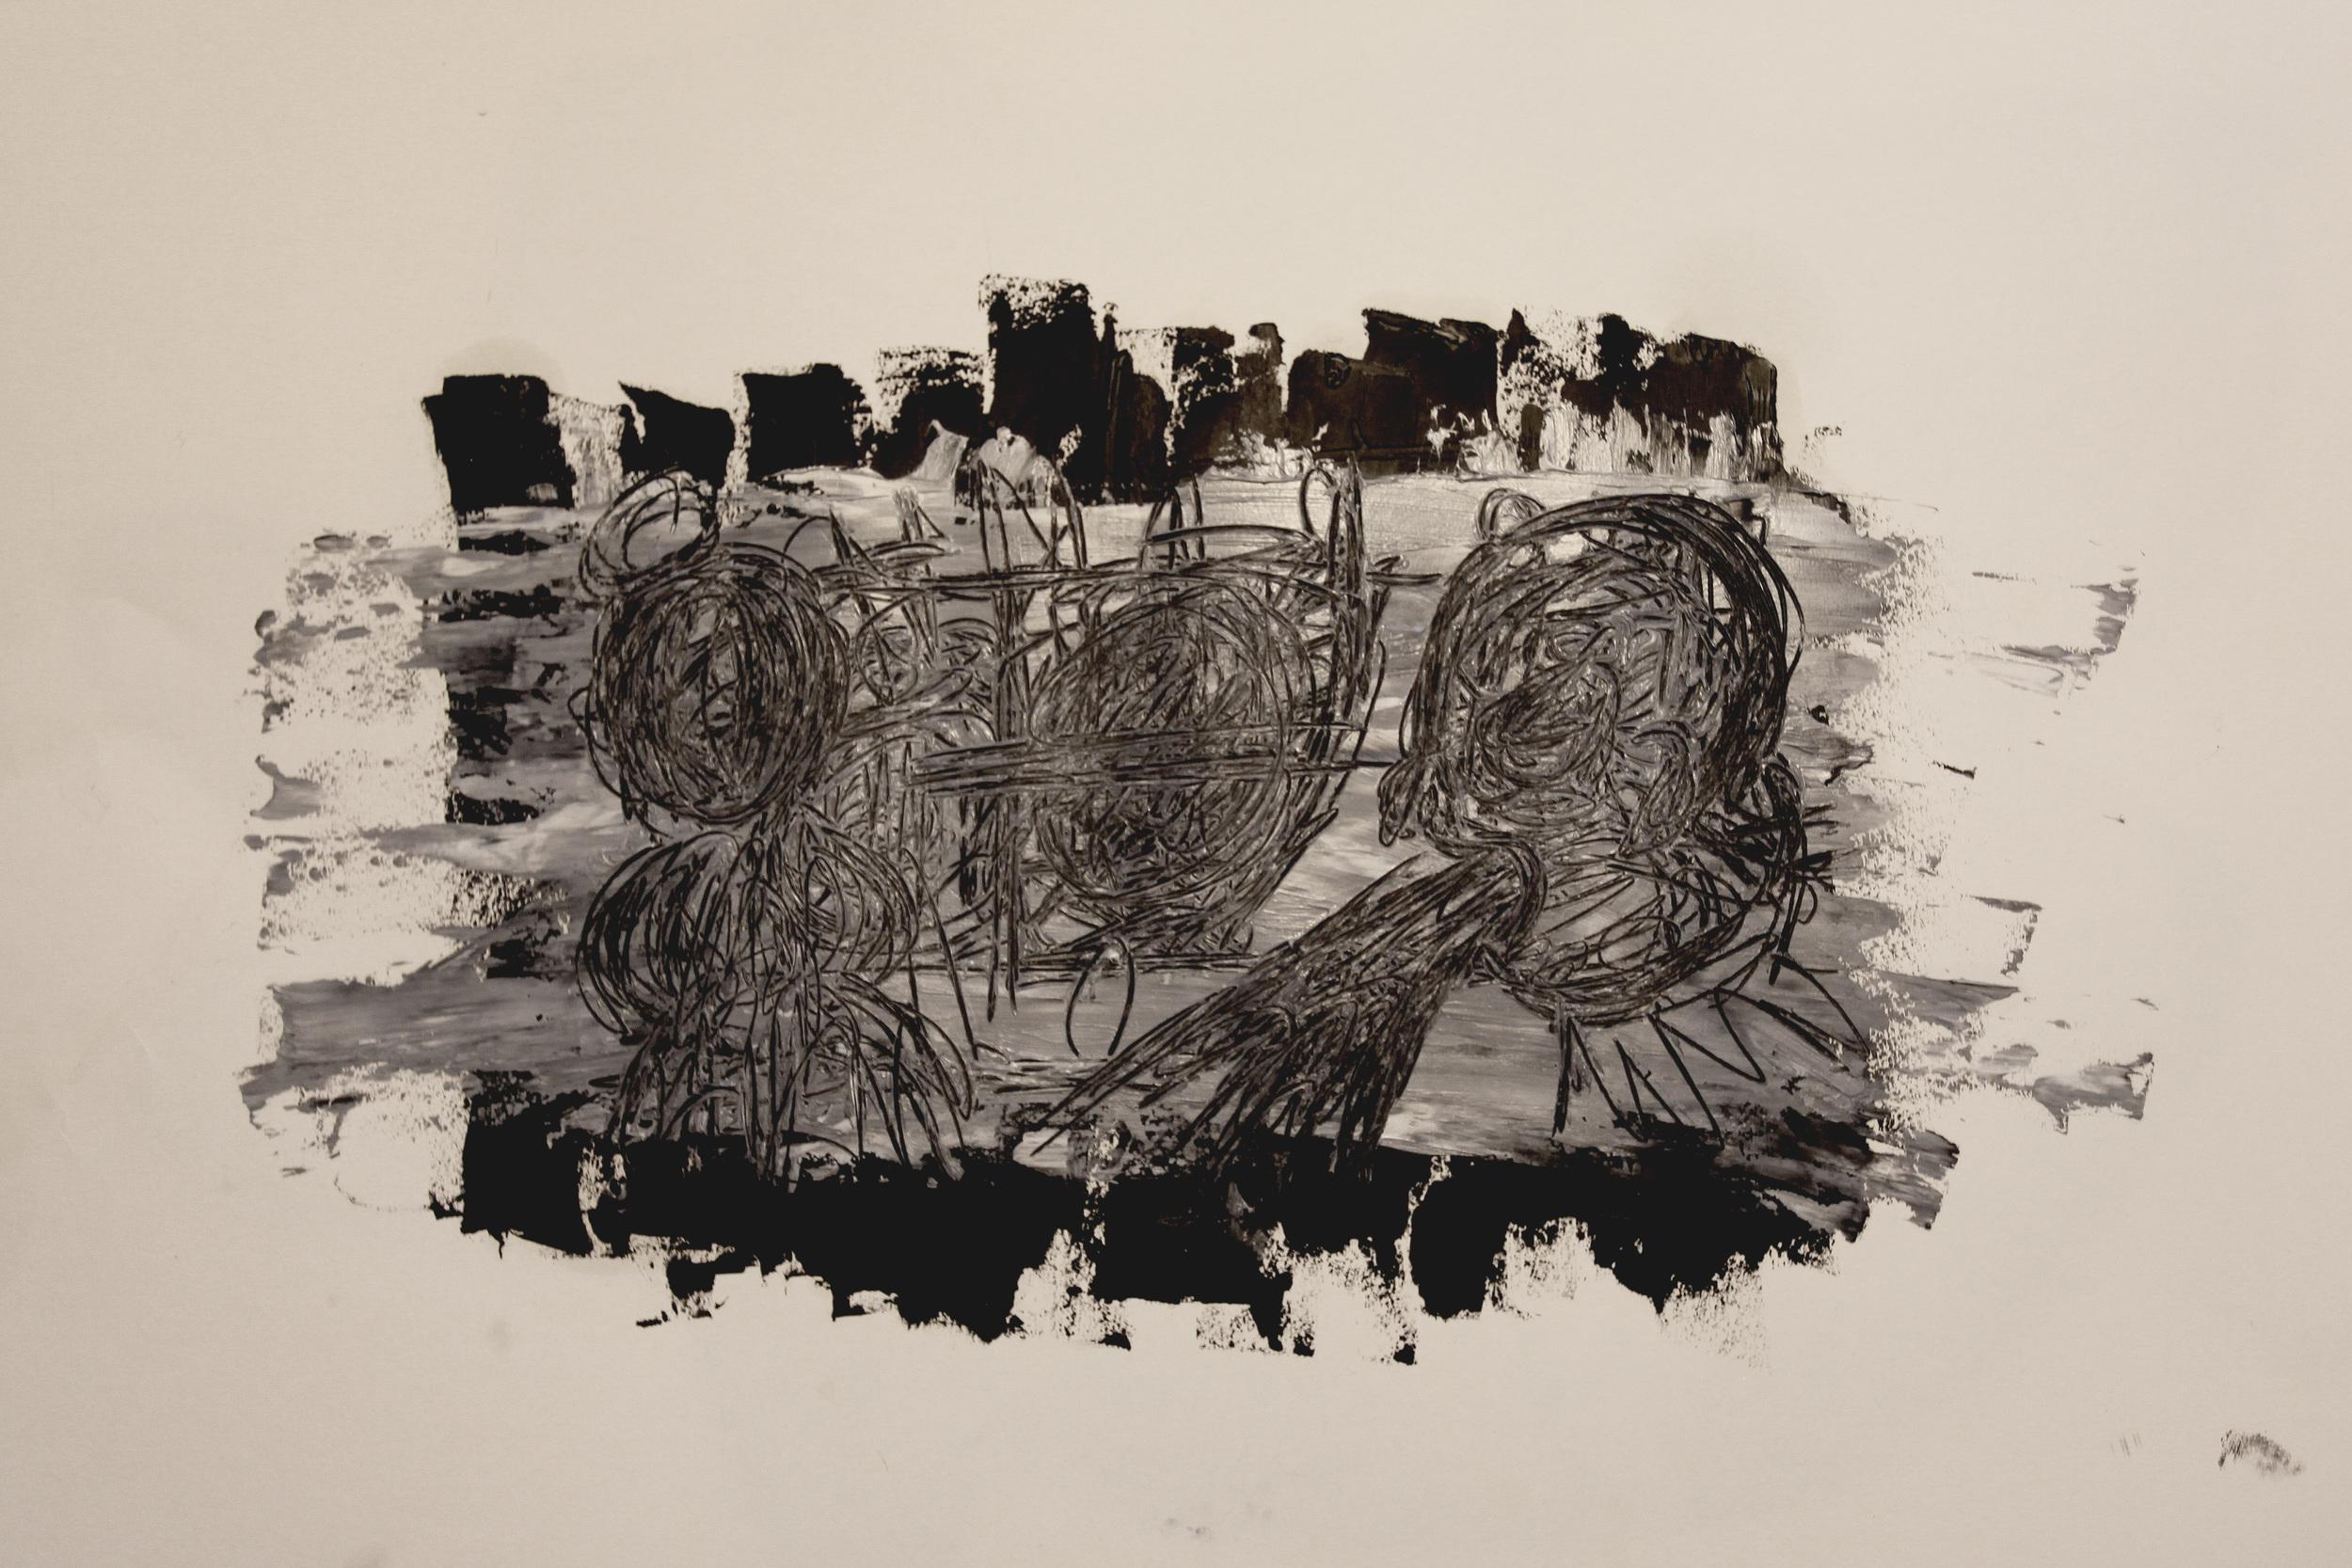 Frustrationer,  (Frustrations) Oil on paper  2013